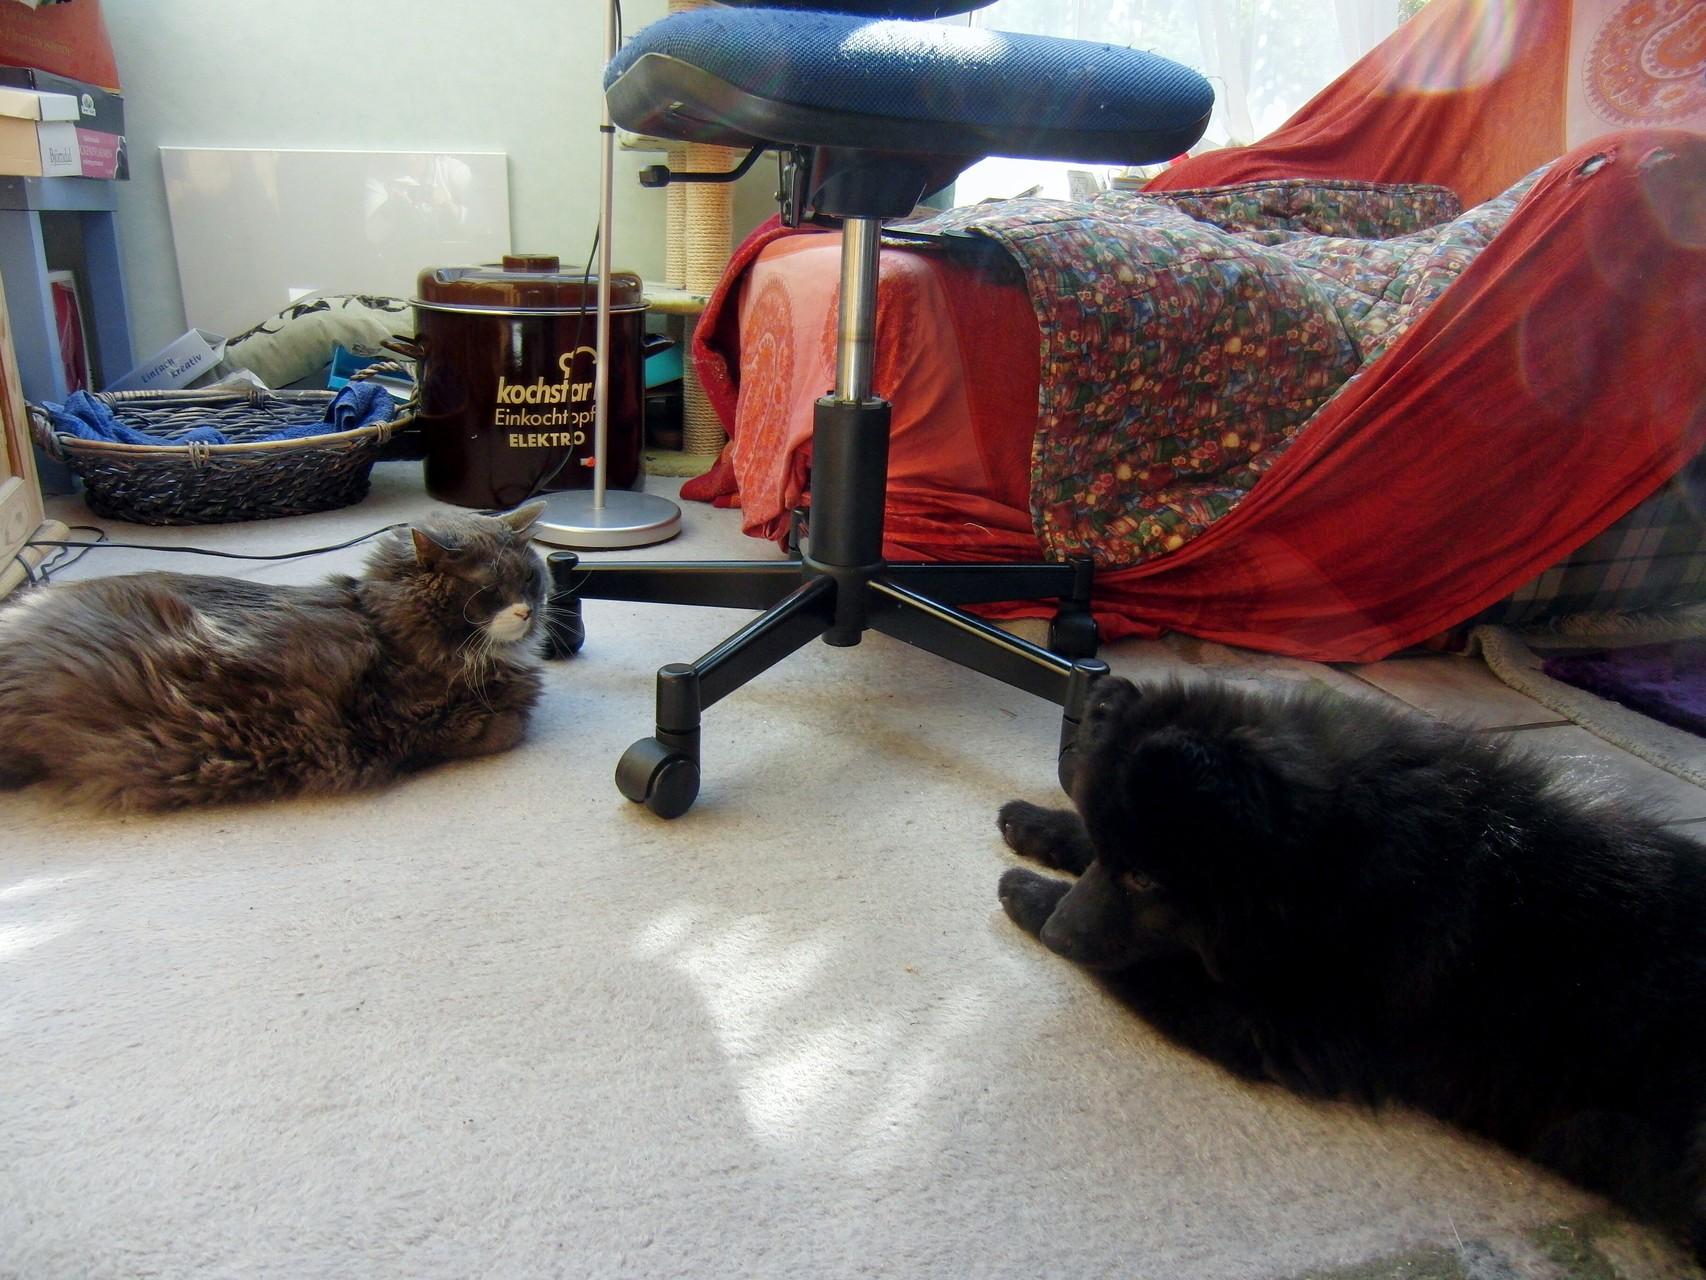 Nah, Katze wollen wir auch spielen?